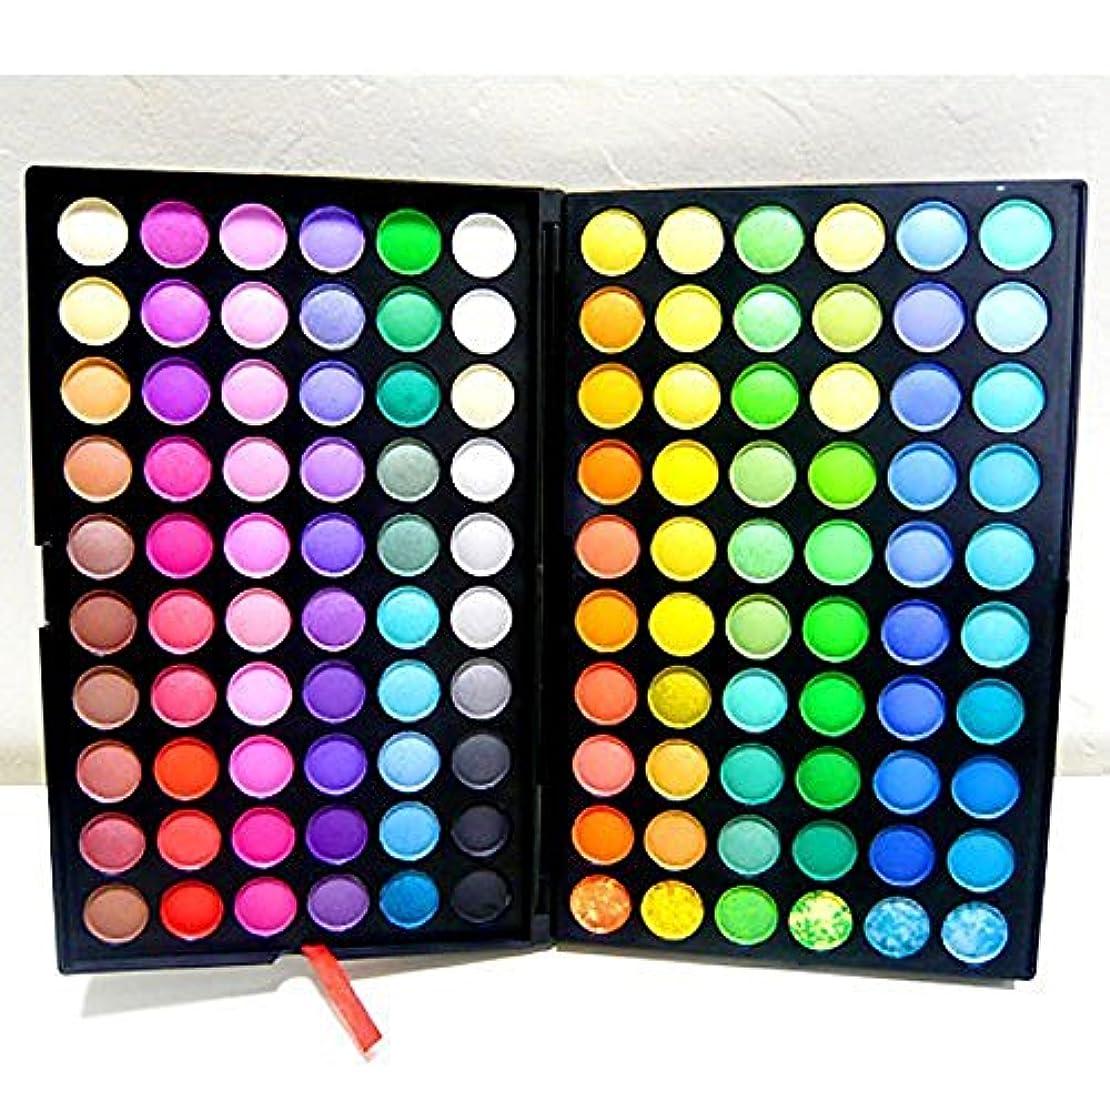 危険な製油所大脳入荷しました【LuxuryRose】発色が素晴らしい!120カラーアイシャドウパレット